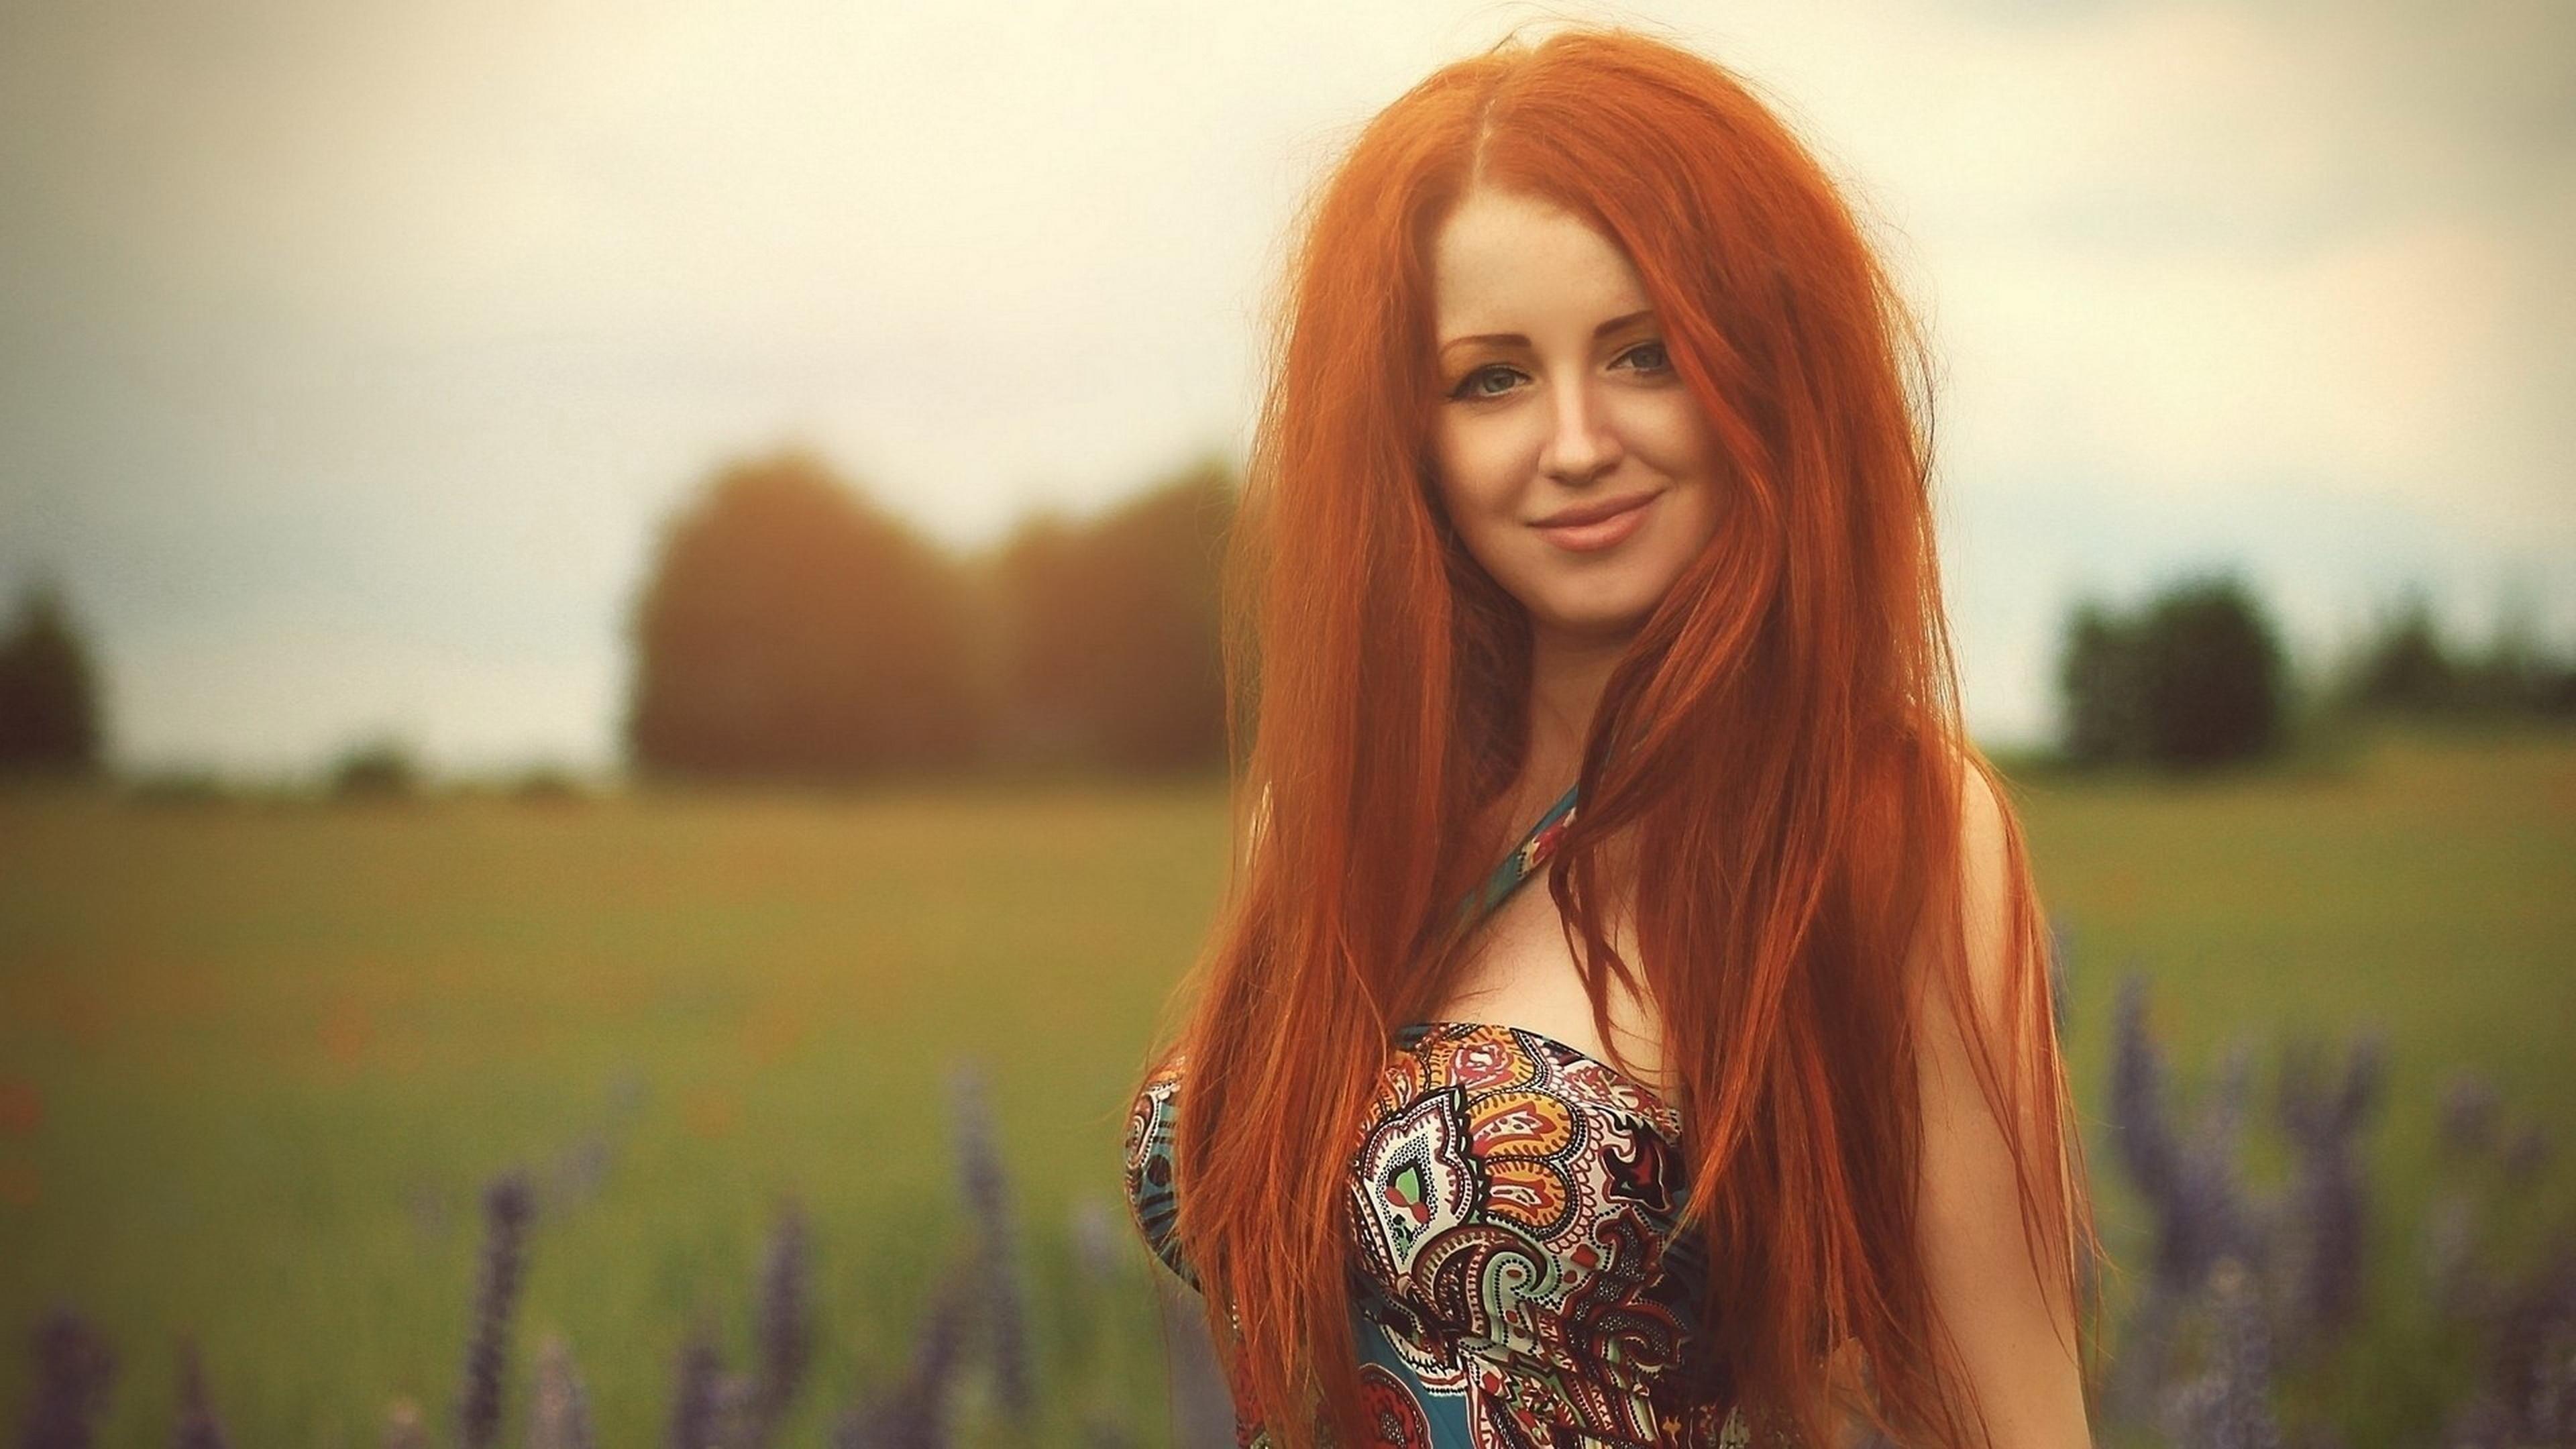 Фото красивая рыжеволосая девушка 18 фотография